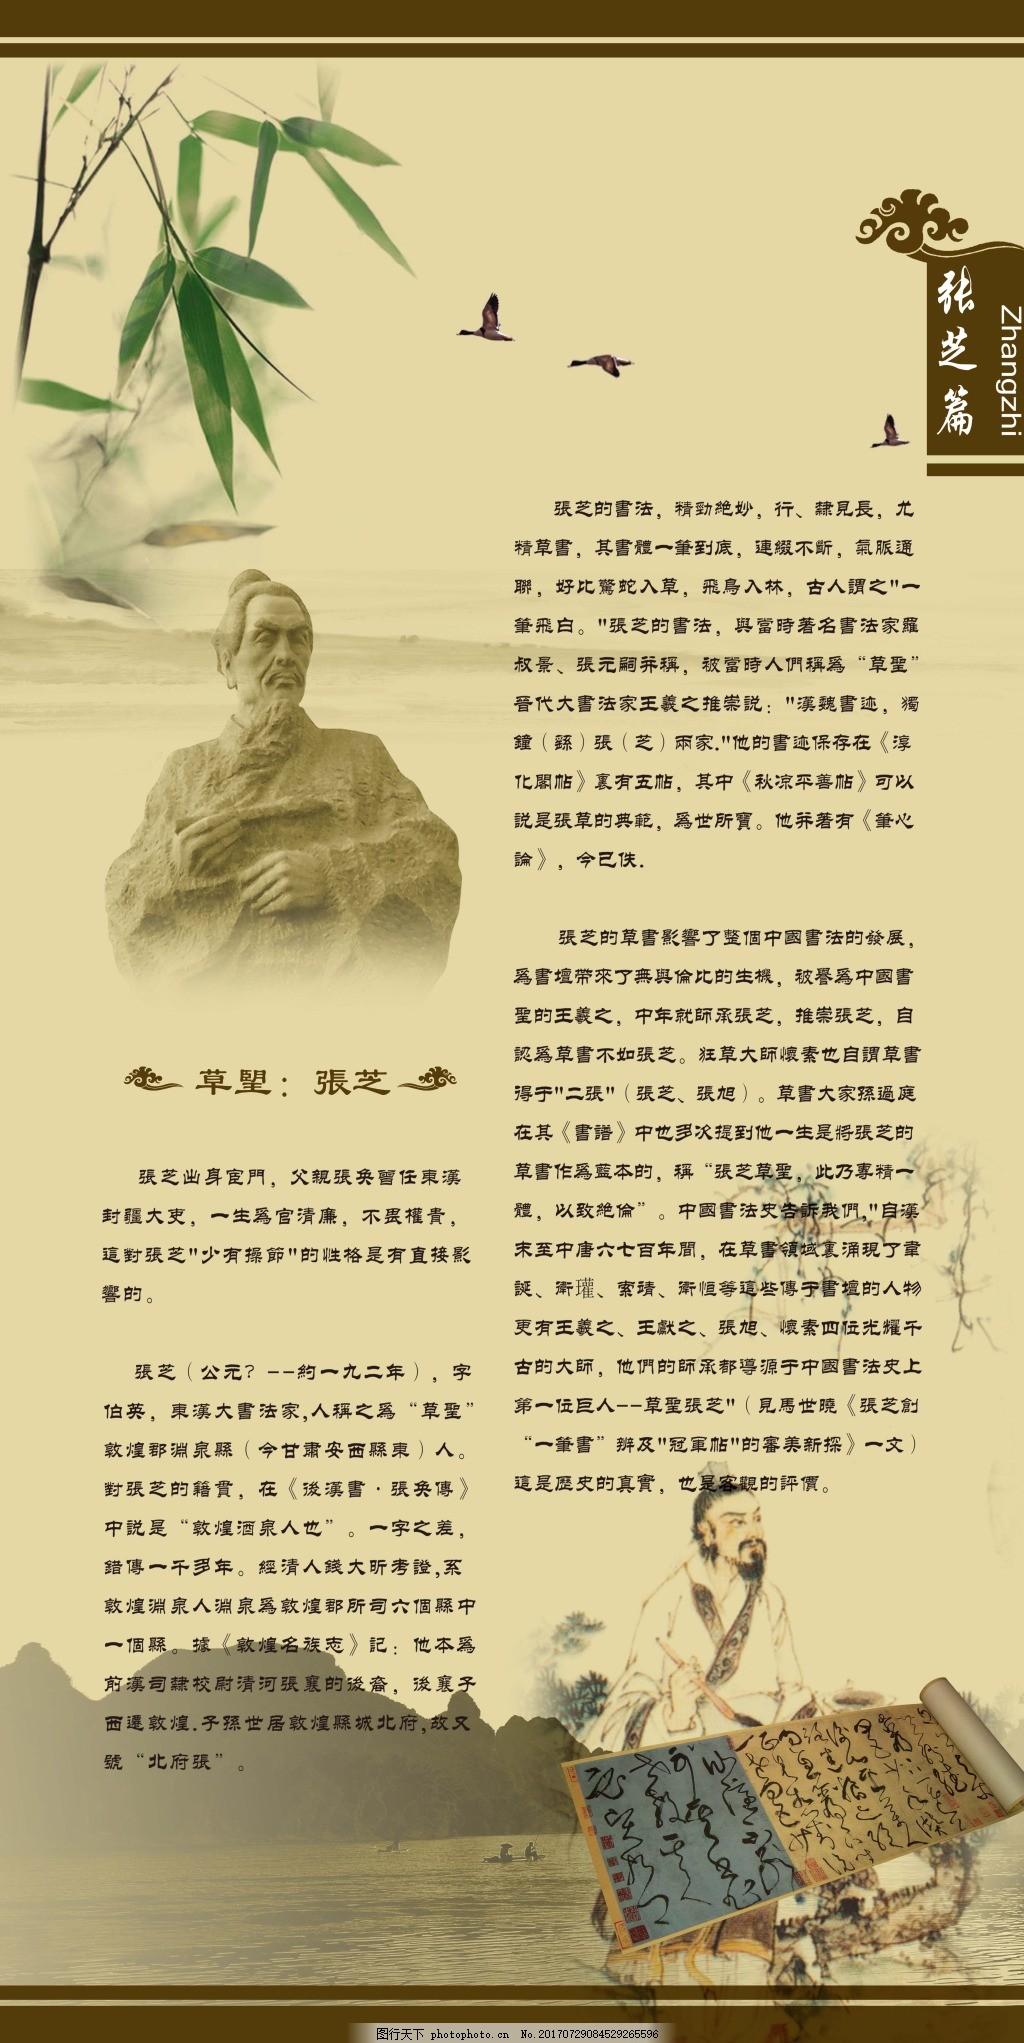 人物宣传展板 古代人物 古风 张芝 展架 海报